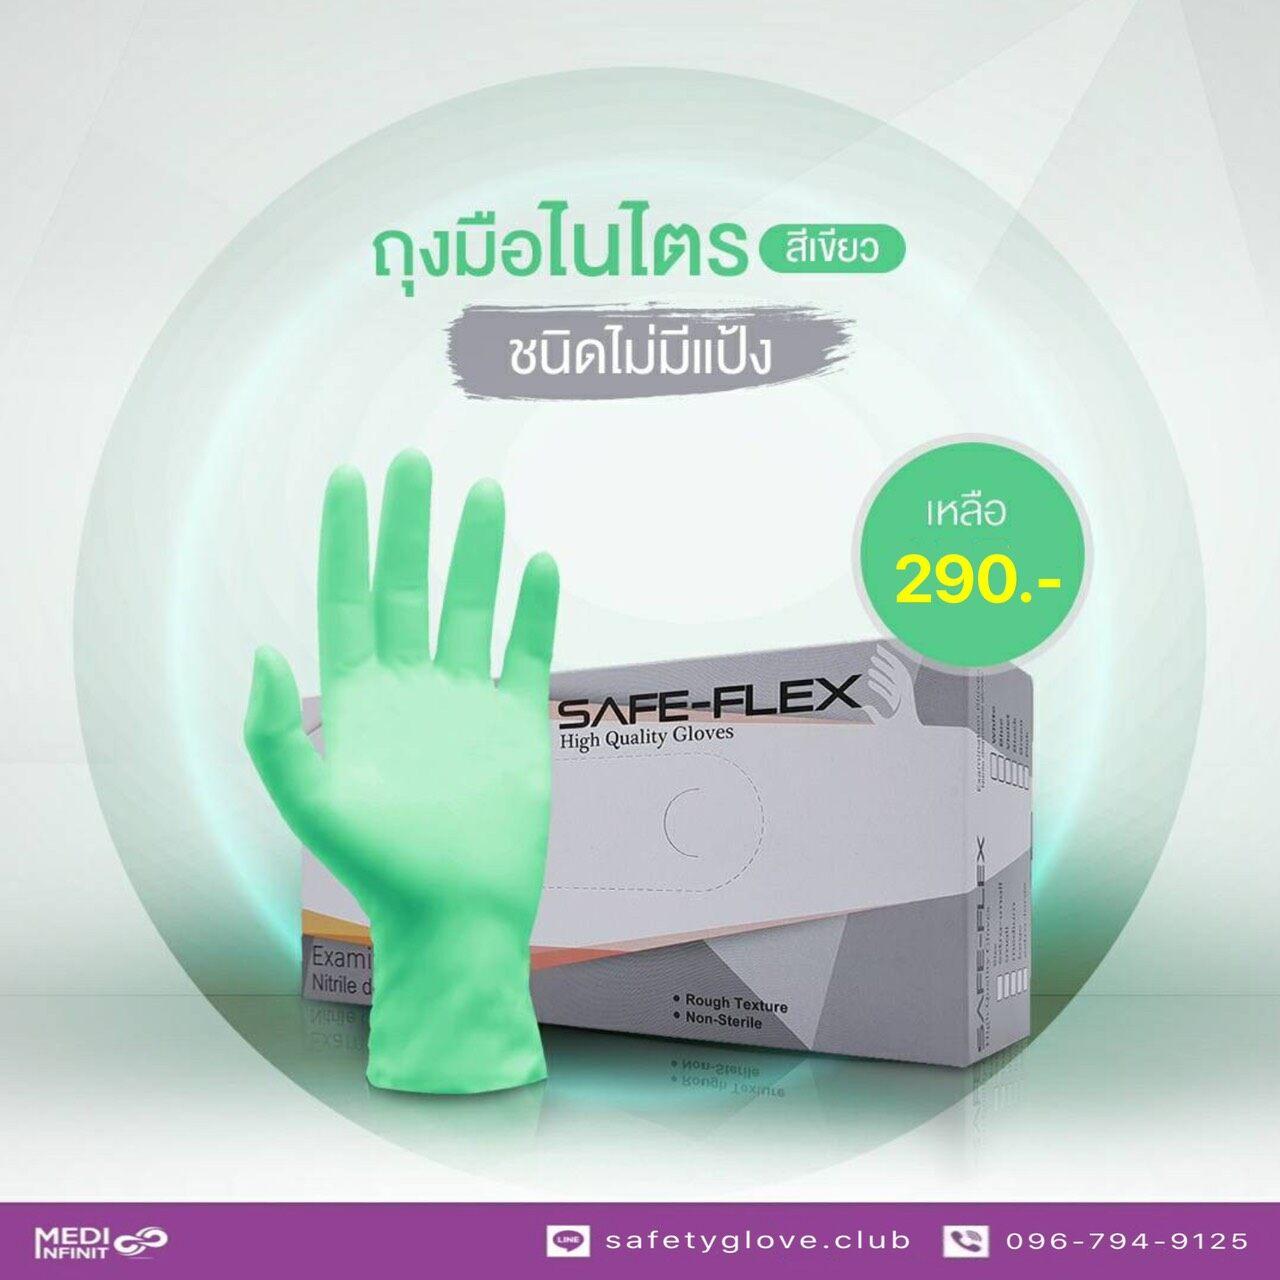 ถุงมือยางไนไตรสีเขียว safe flex ชนิดไม่มีแป้ง แบบกล่อง 100 ชิ้น ถุงมือไนไตร ถุงมือยาง ถุงมือทำอาหาร ถุงมือใช้แล้วทิ้ง ถุงมือช่าง